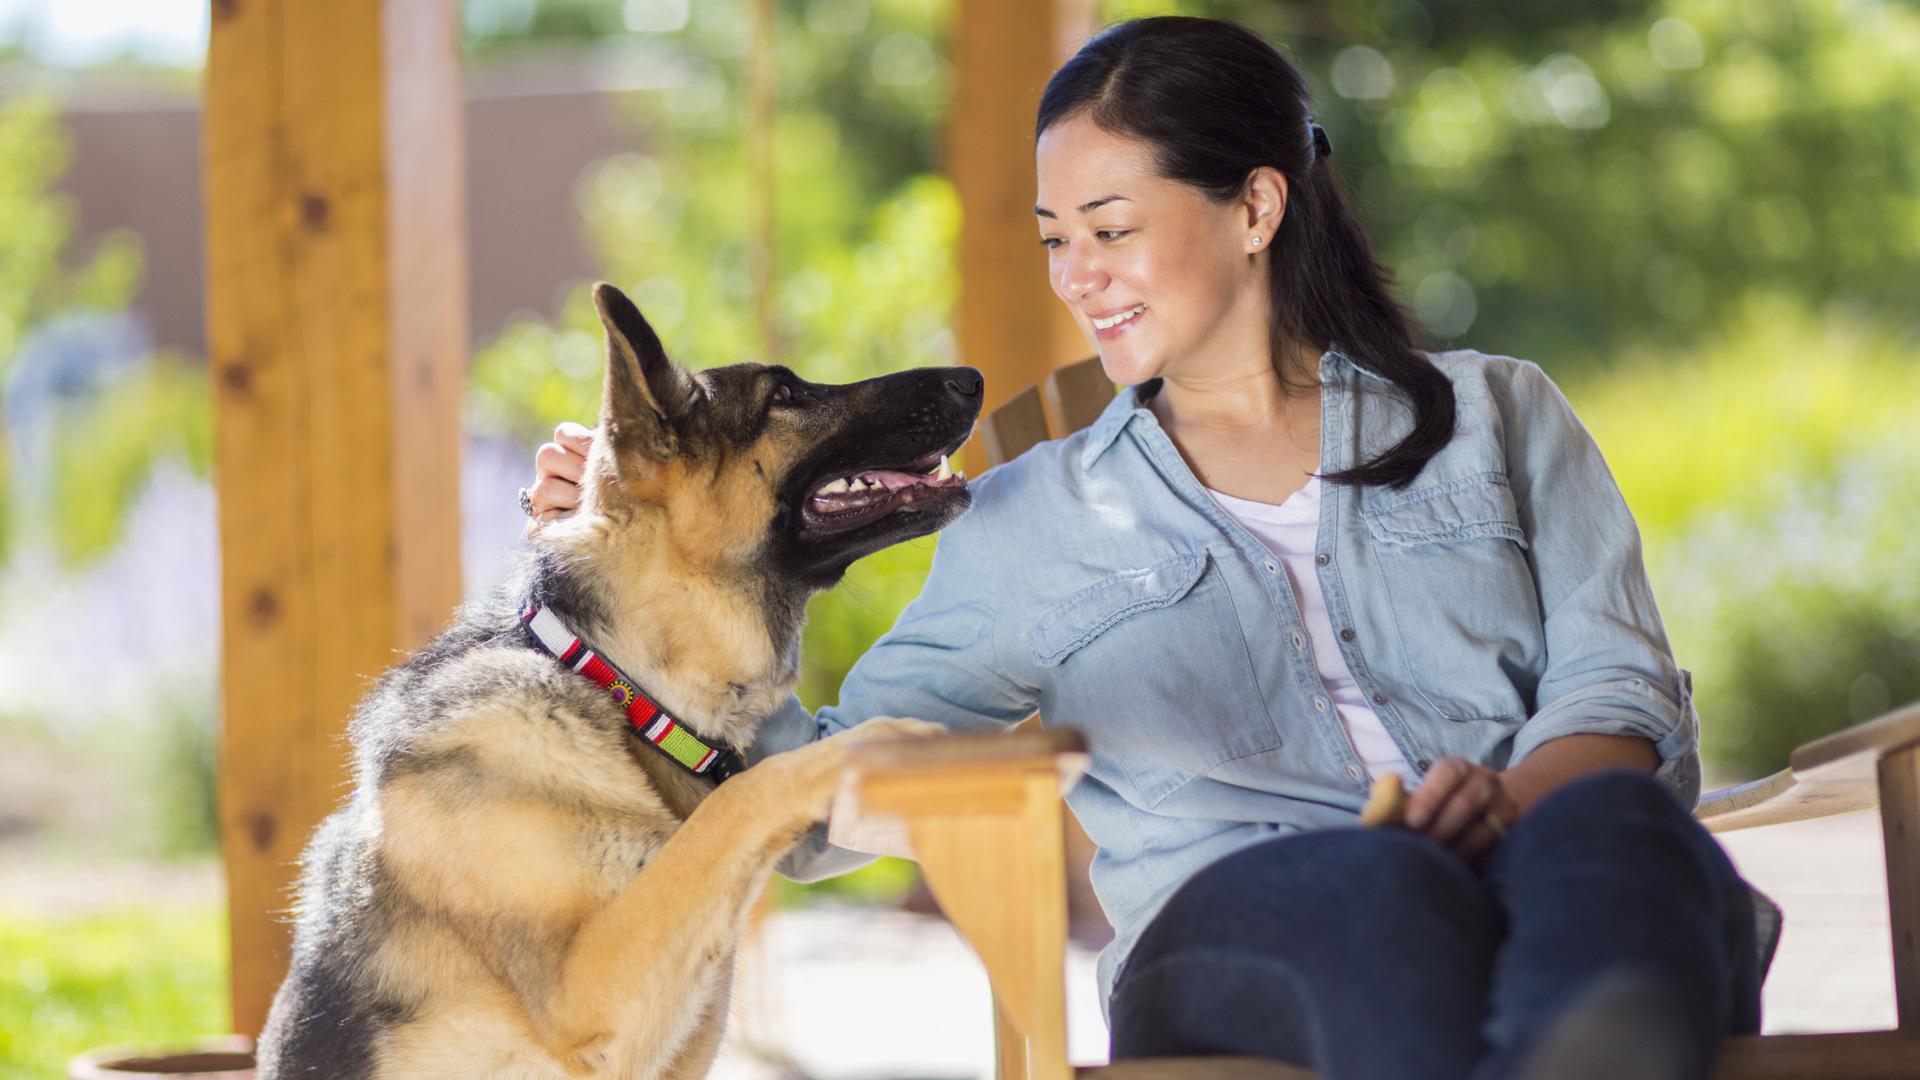 Onko totta, että koiralle puhuminen voi tehdä älykkääksi?